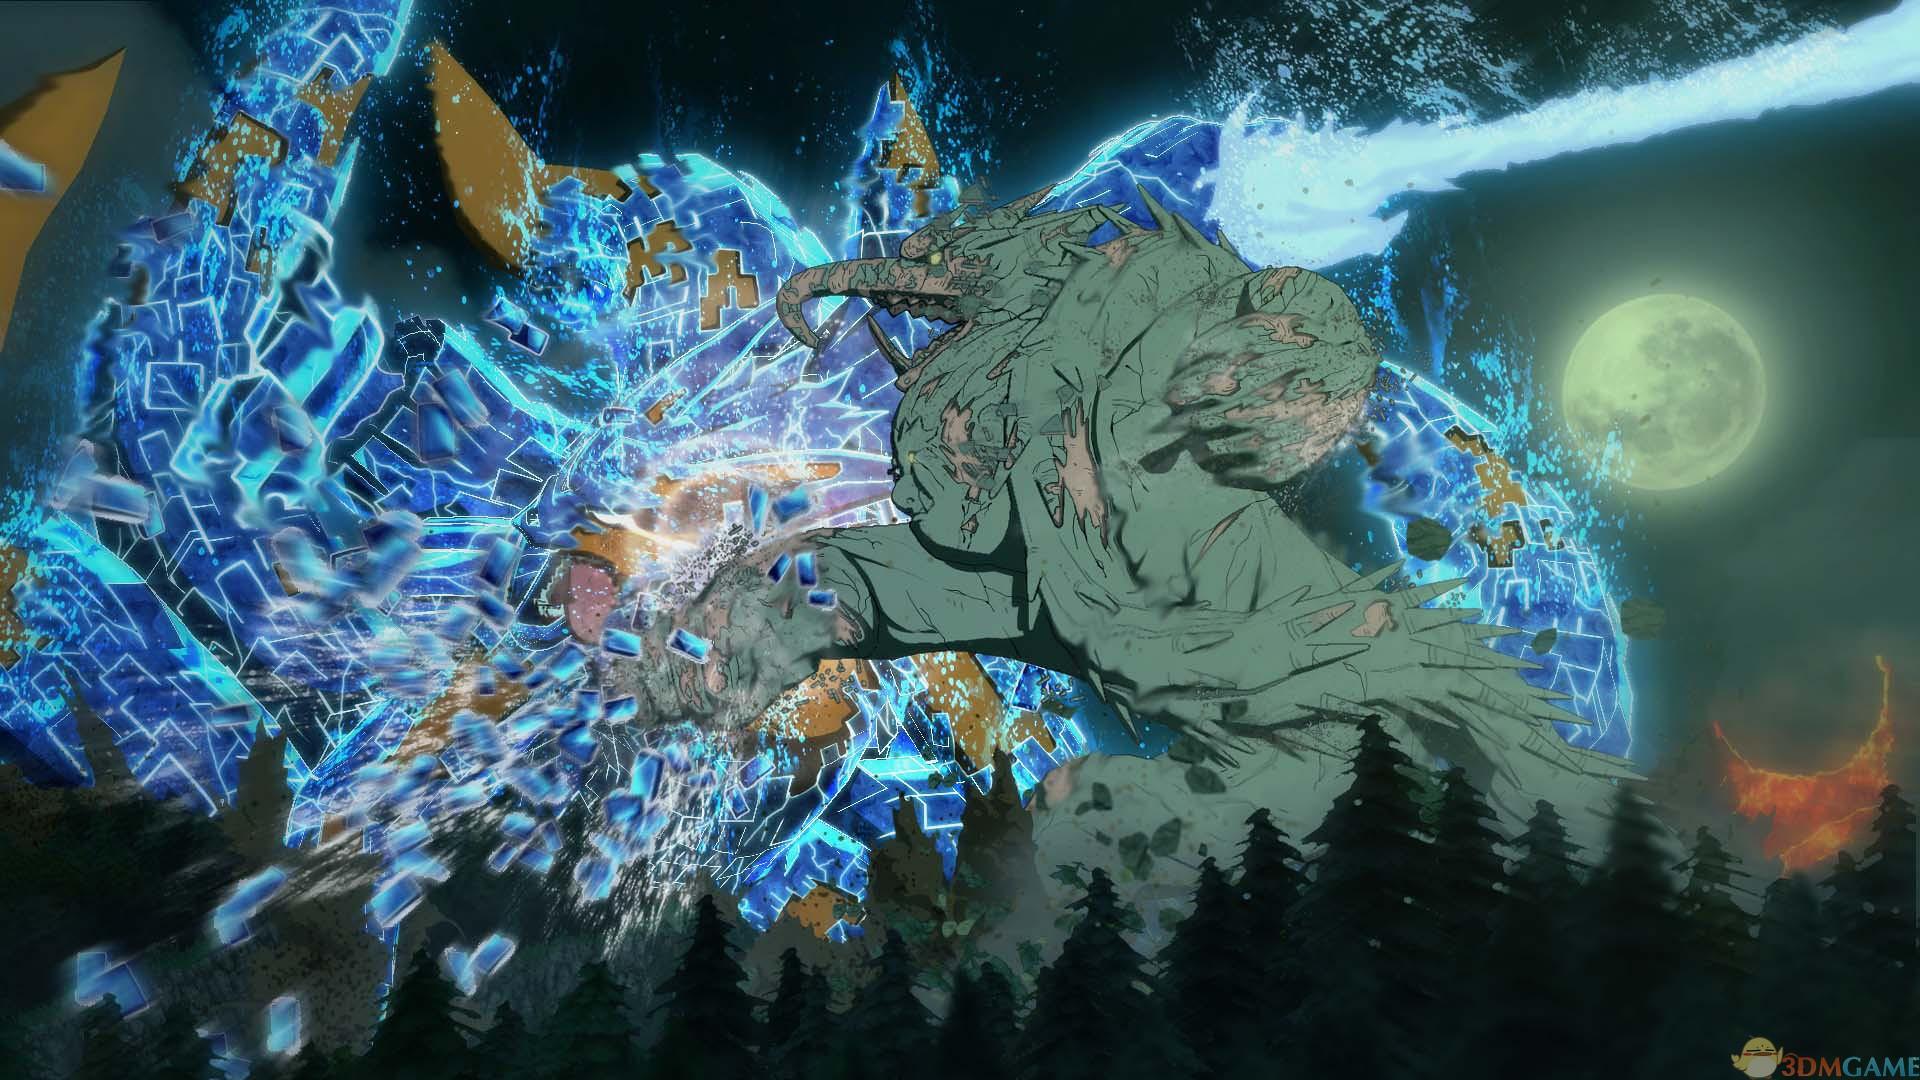 火影忍者:究极忍者风暴4 7号升级+破解补丁[3DM]